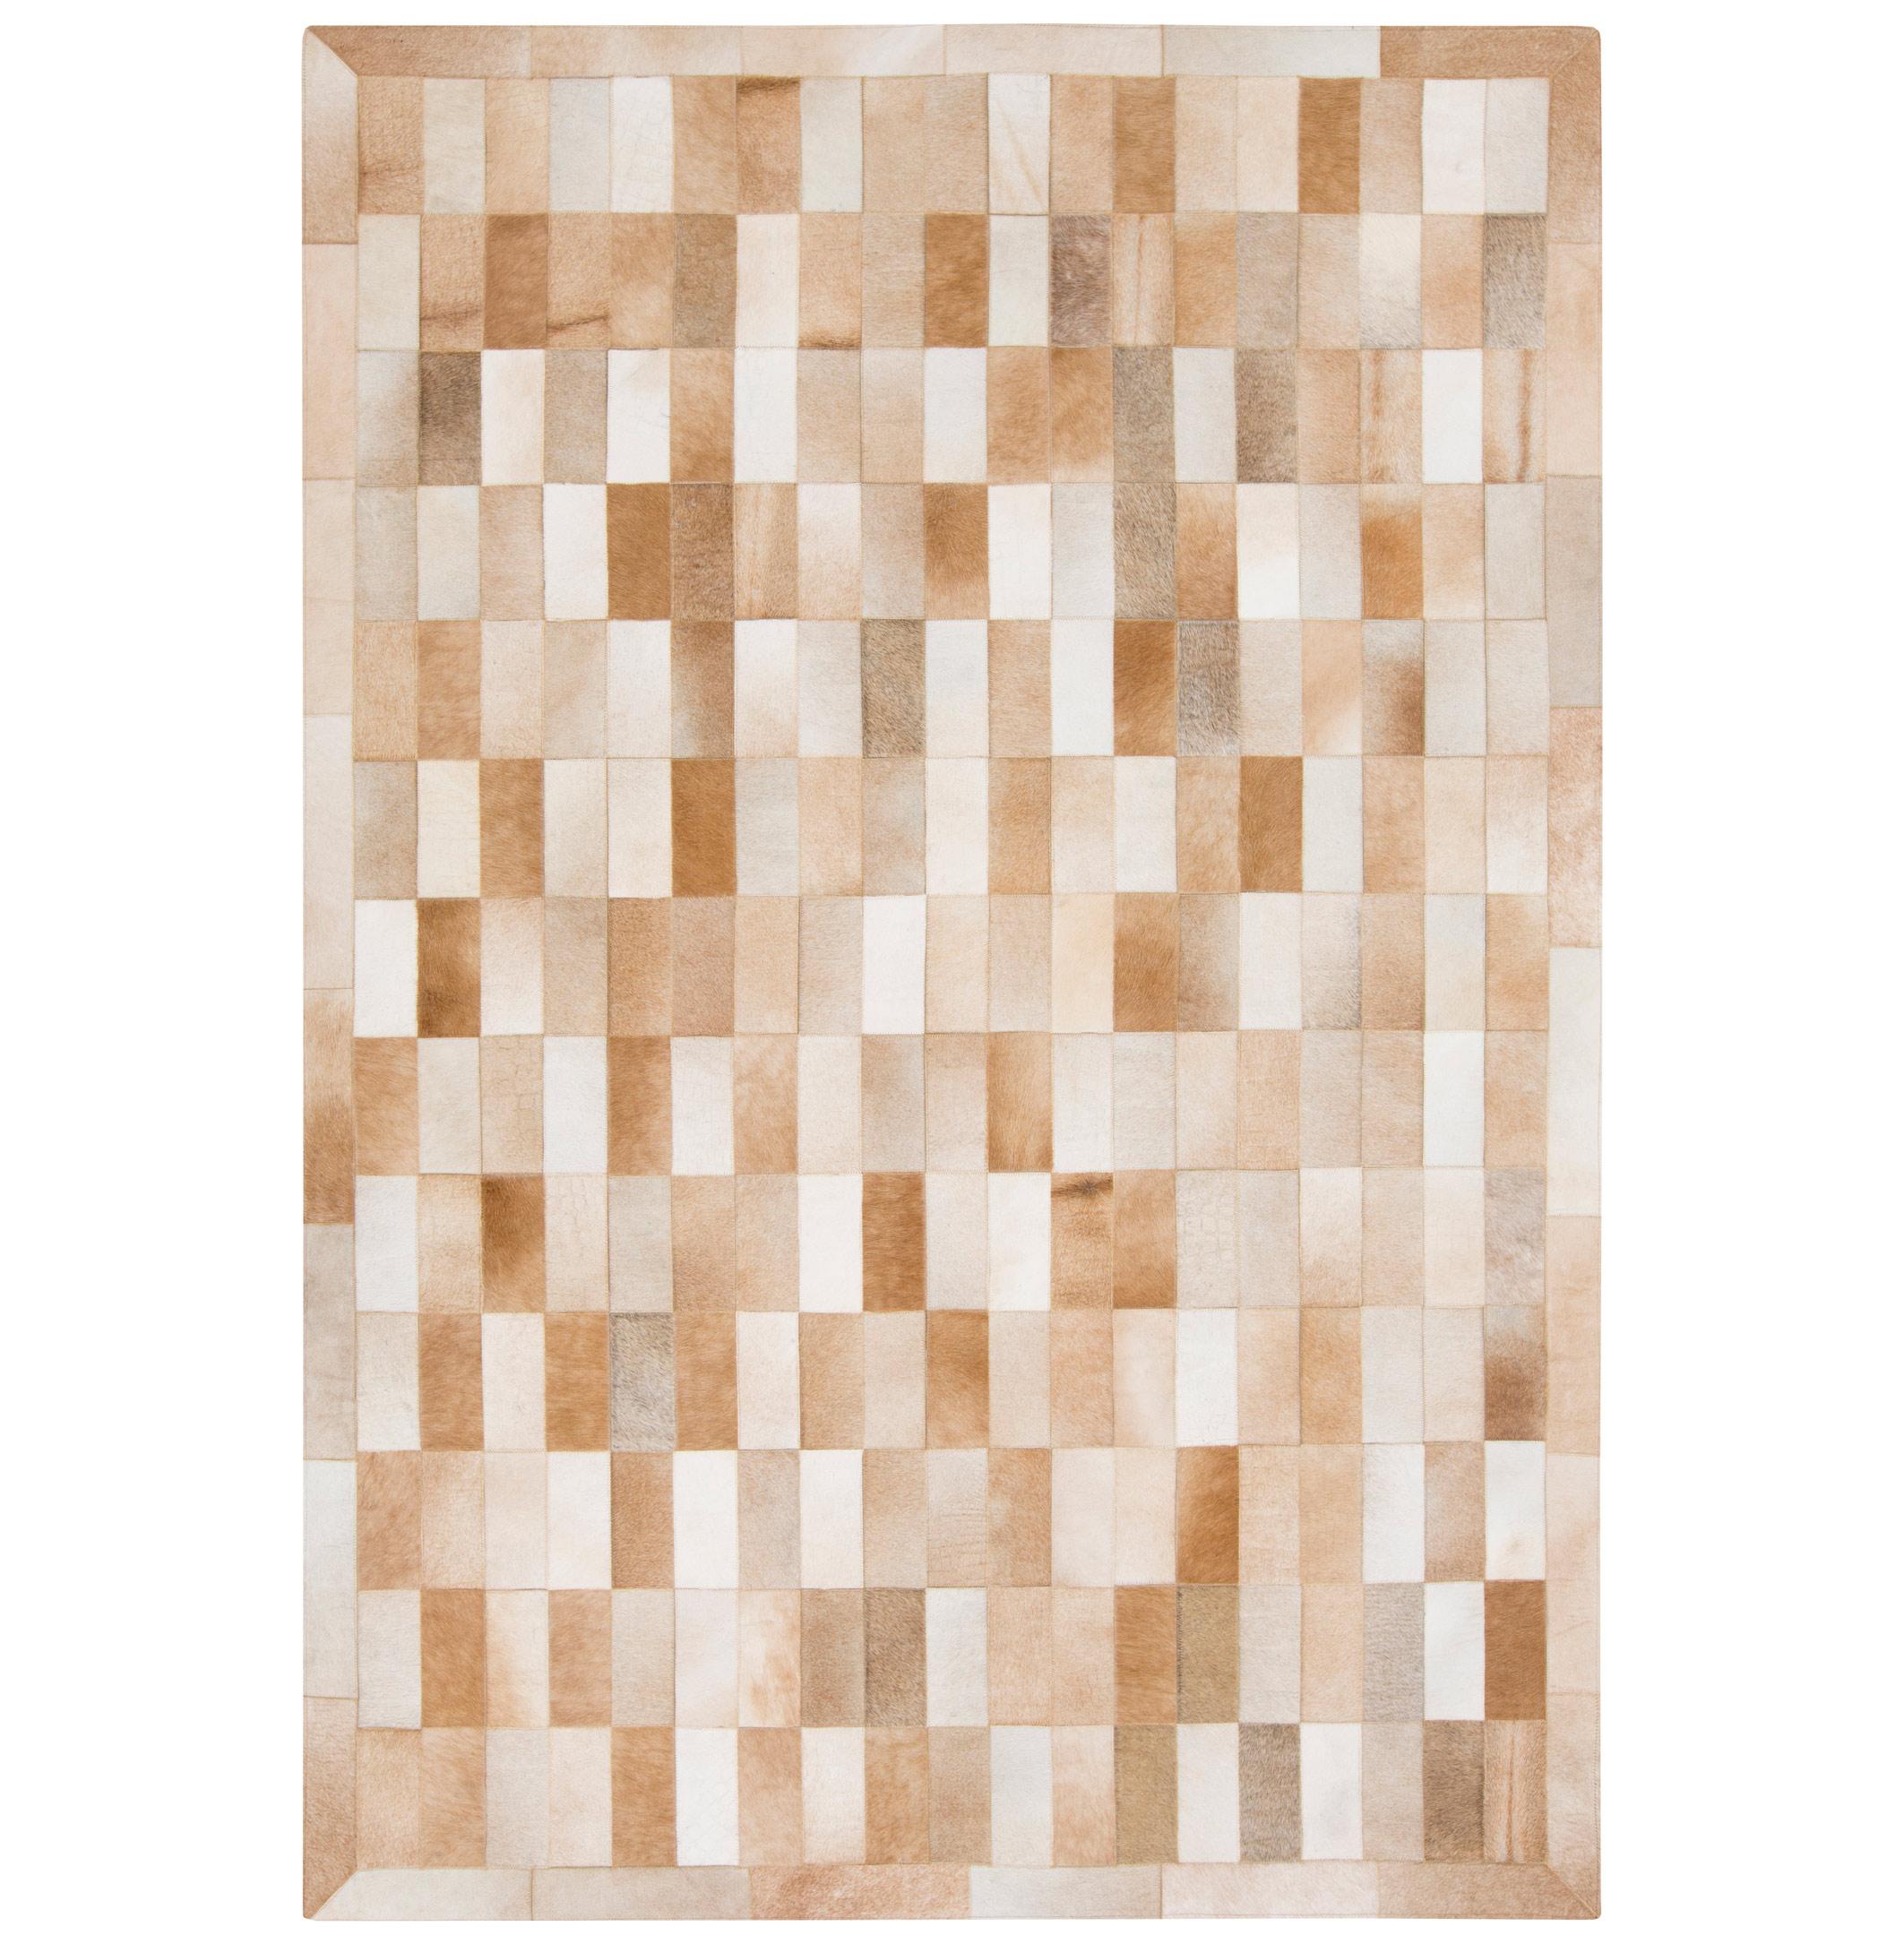 Beirut Global Bazaar Vertical Subway Tile Brown Beige Cowhide Rug - 2x3